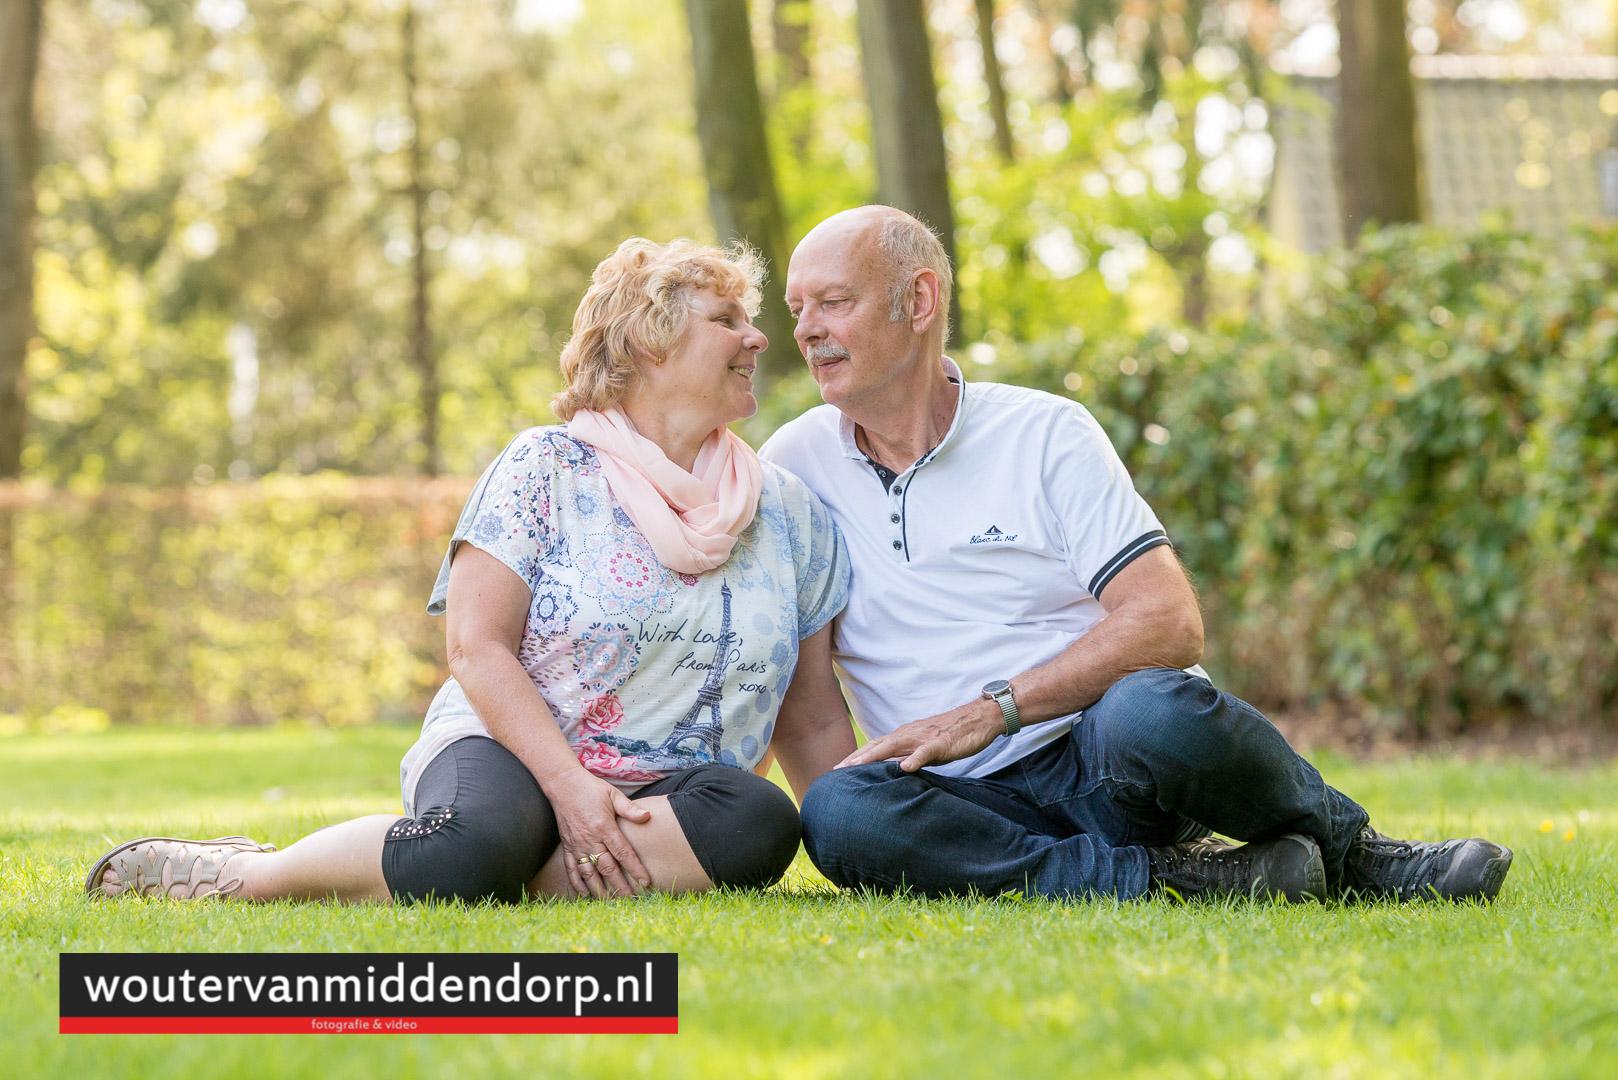 fotografie Wouter van Middendorp Kasteel Staverden-8